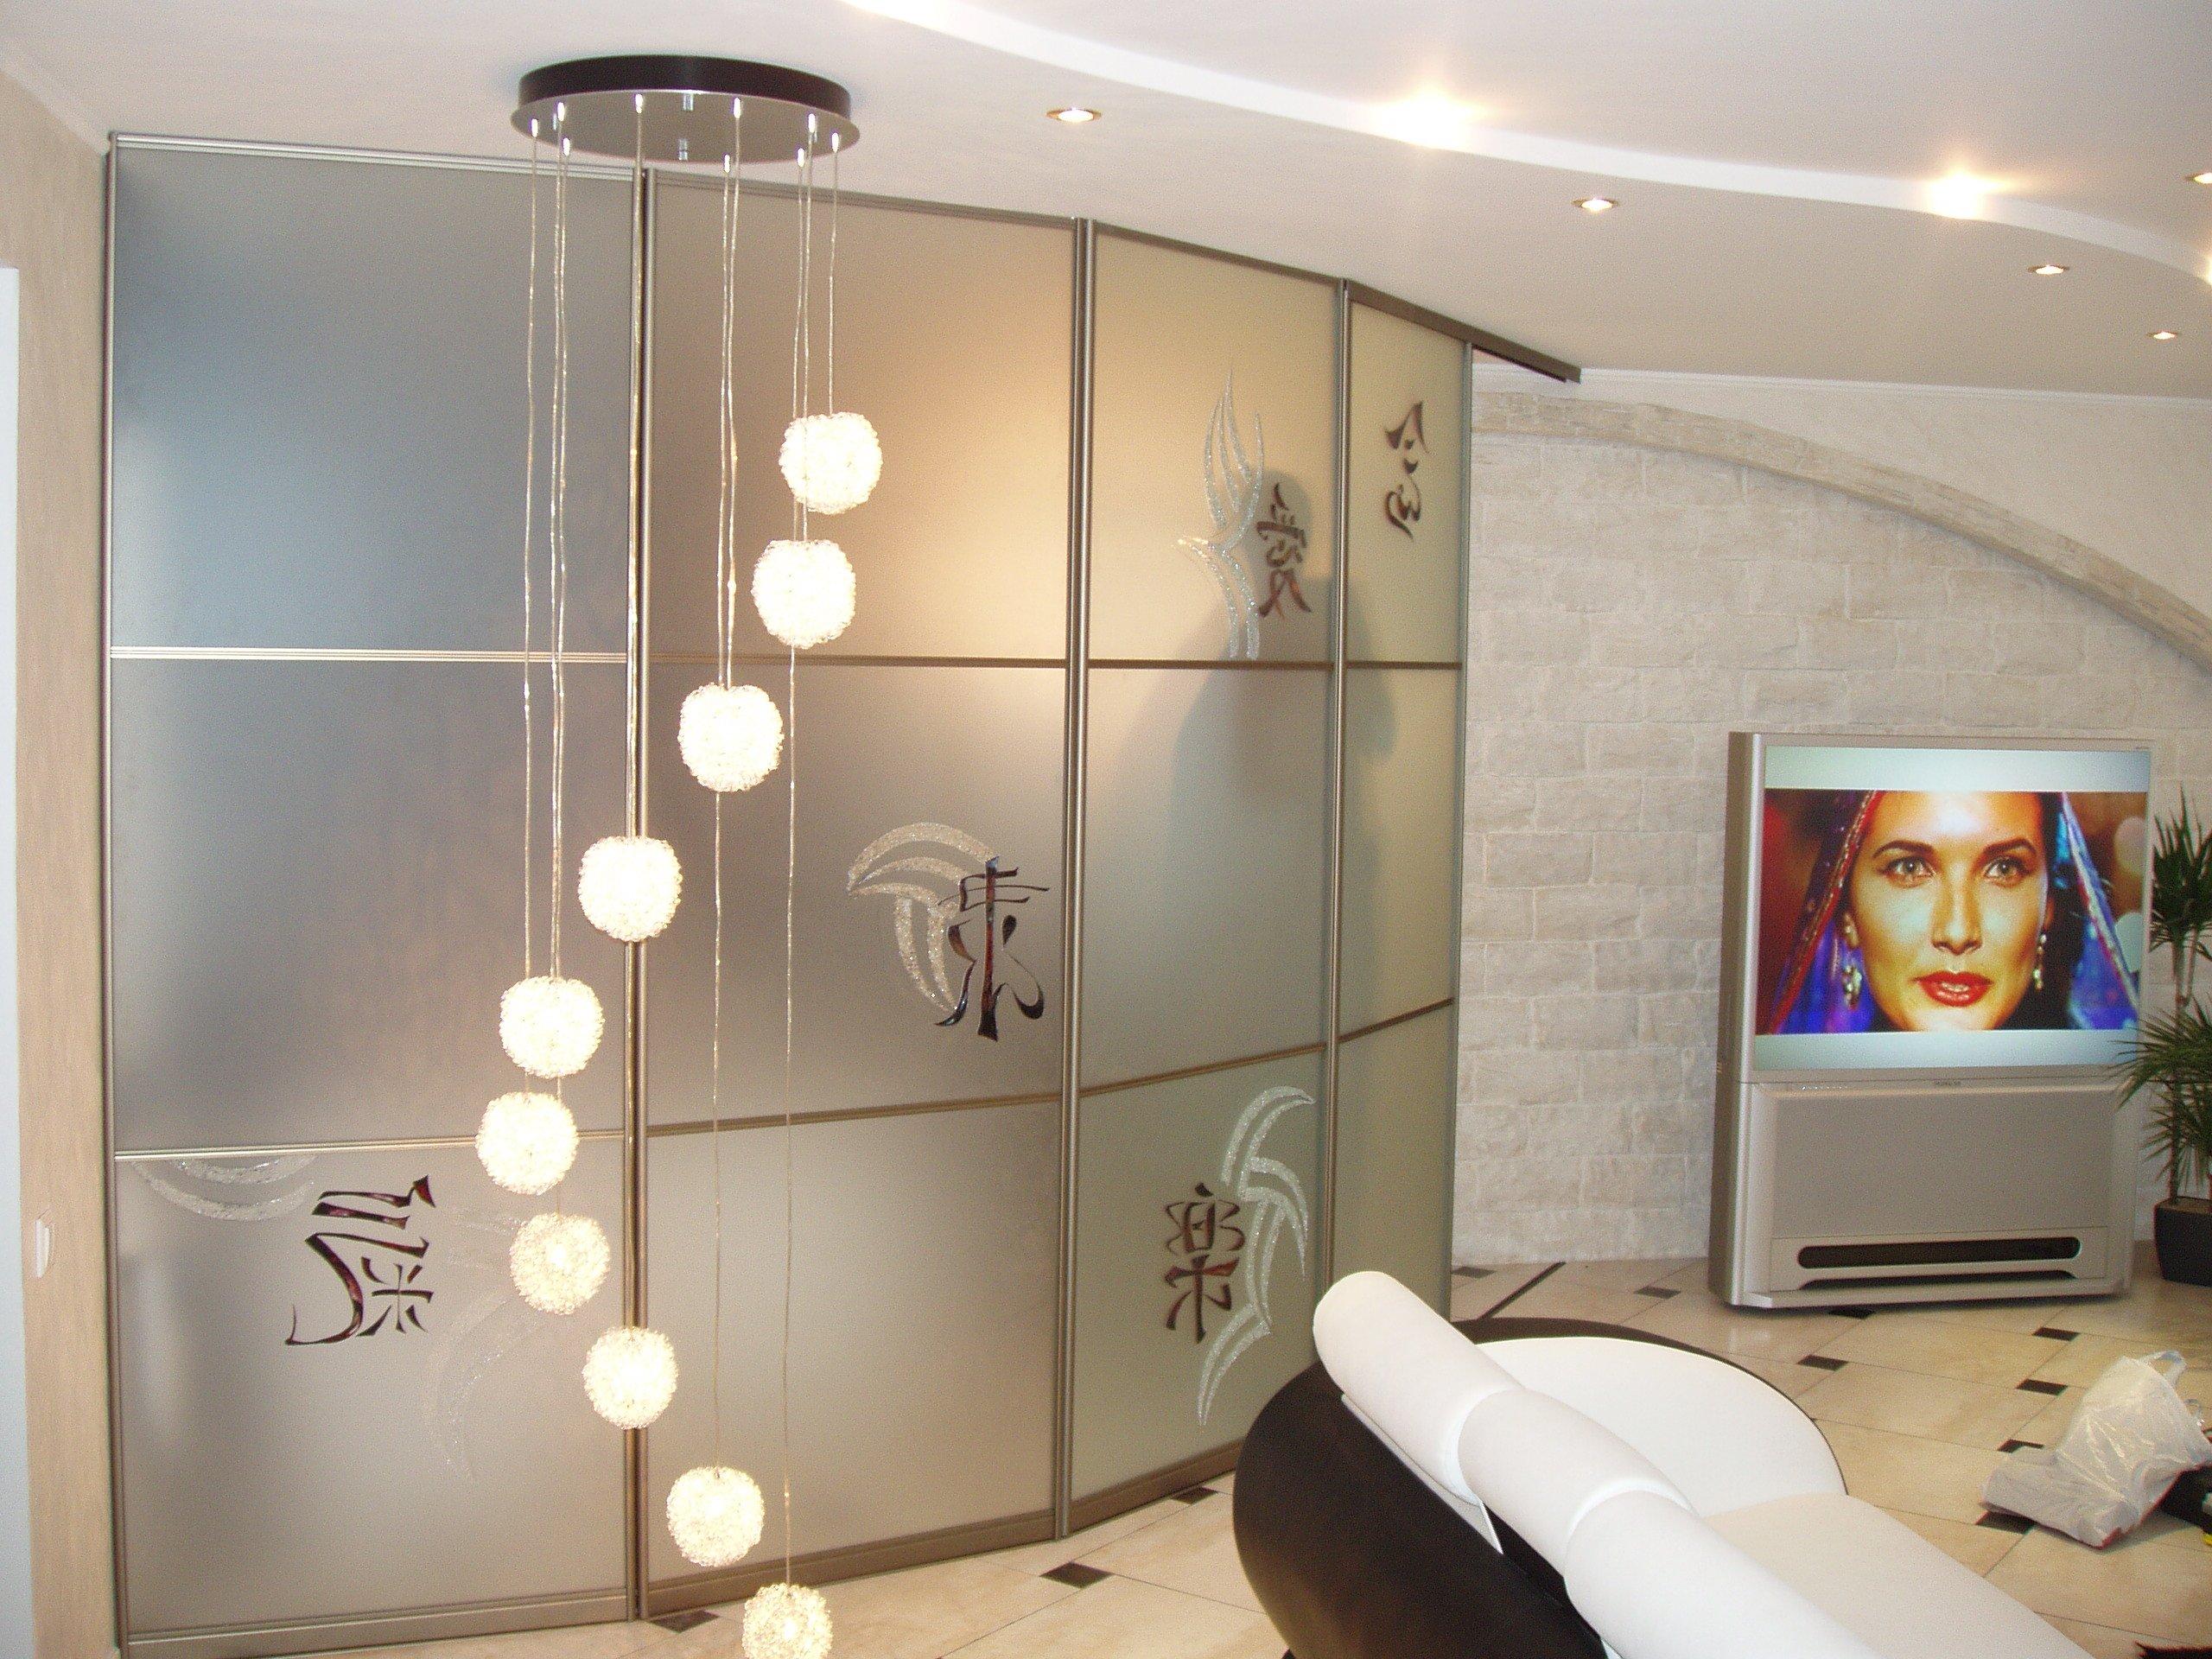 Угловой шкаф-купе (106 фото): в комнату, полукруглый, дизайн.